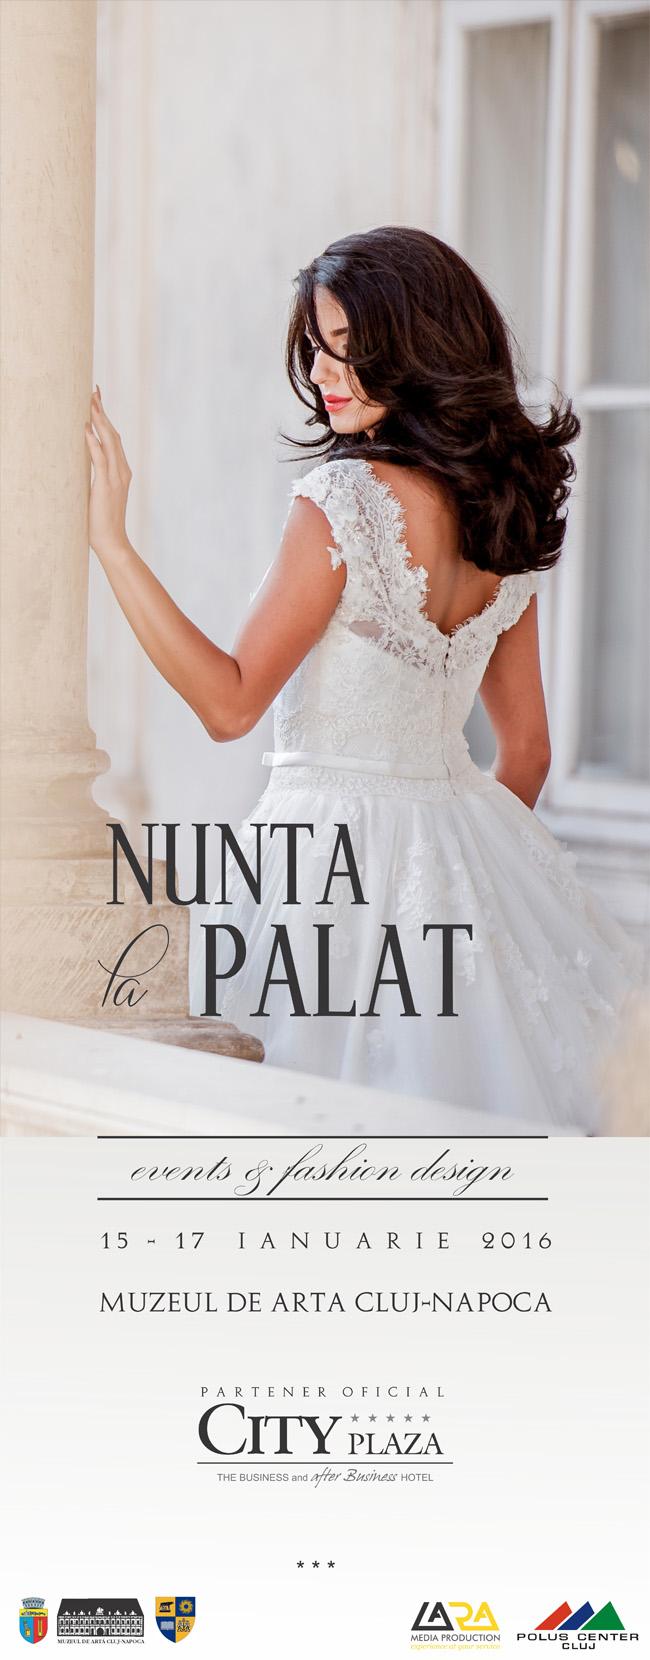 nunta-la-palat-la-Cluj